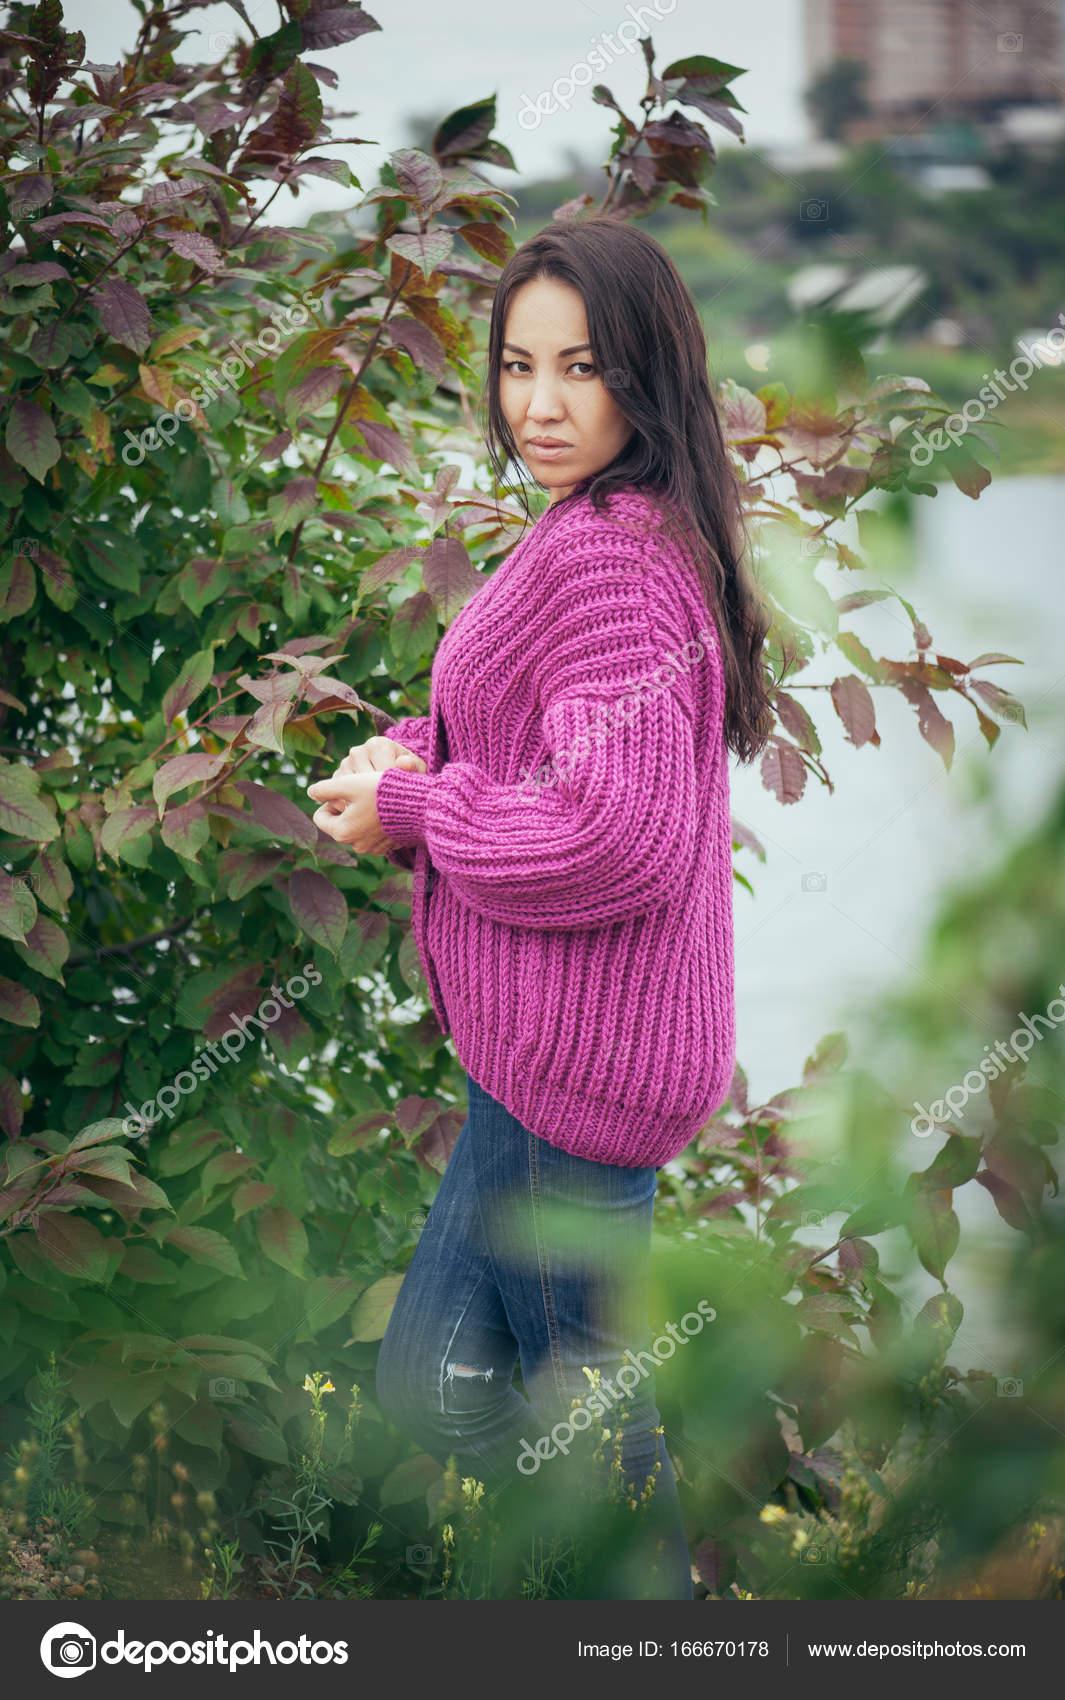 edfe7e50820b Βιολέτα πλεκτή ζακέτα για κορίτσι με μακριά μαλλιά — Φωτογραφία ...